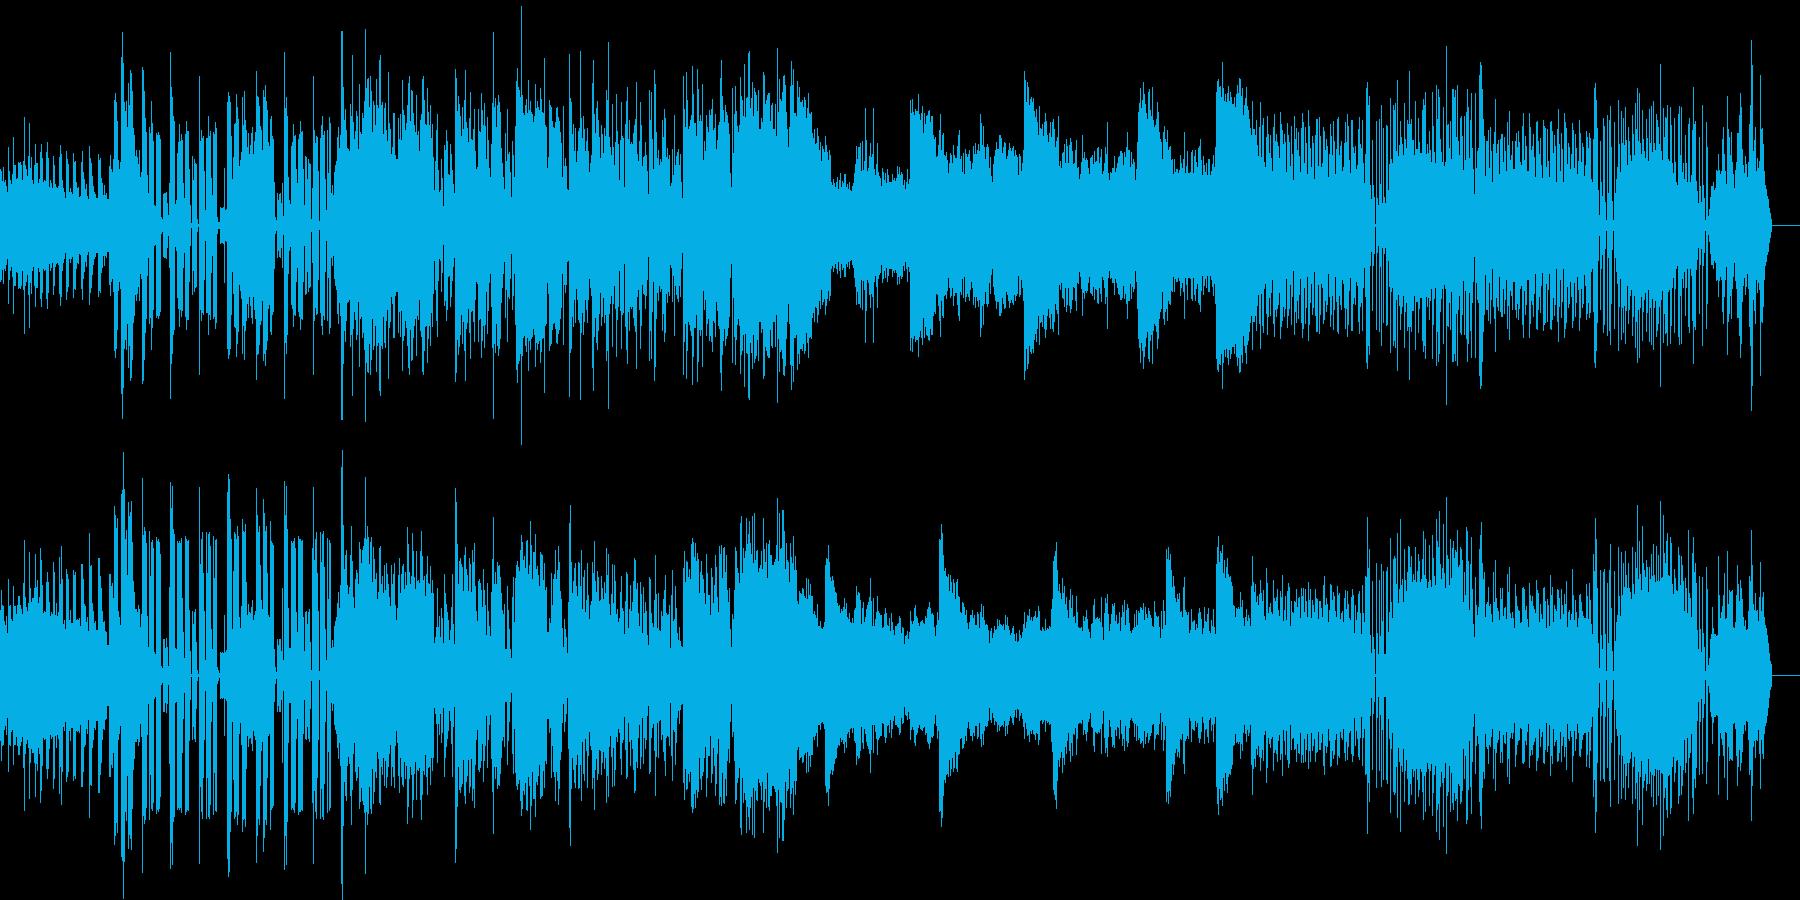 効果音のみで作られた実験的アンビエントの再生済みの波形